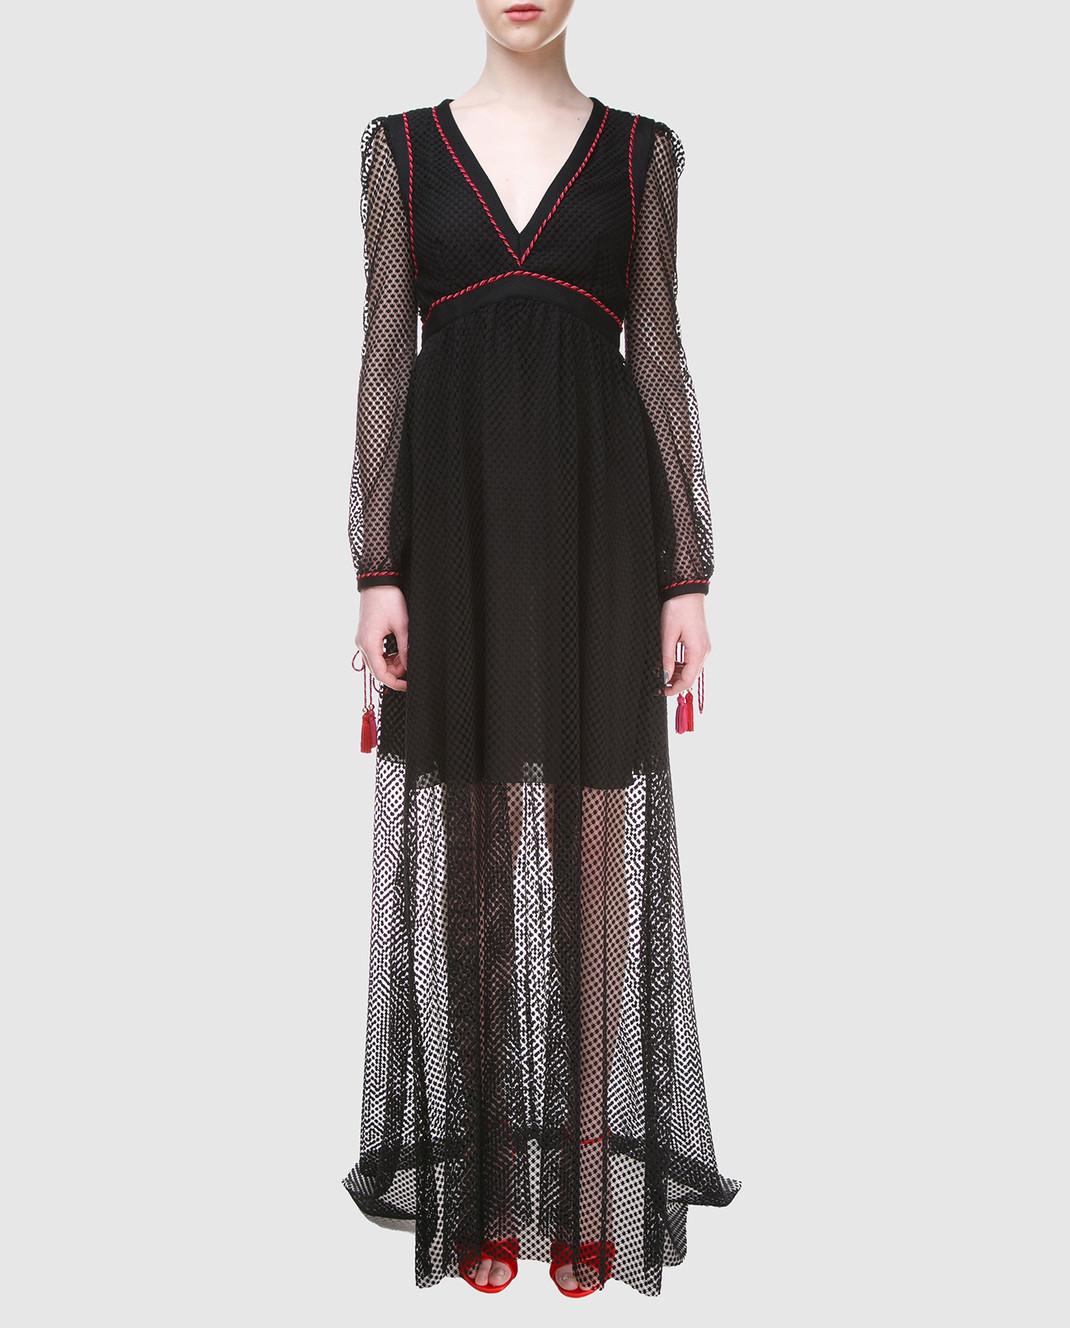 Philosophy di Lorenzo Serafini Черное платье A0441 изображение 2